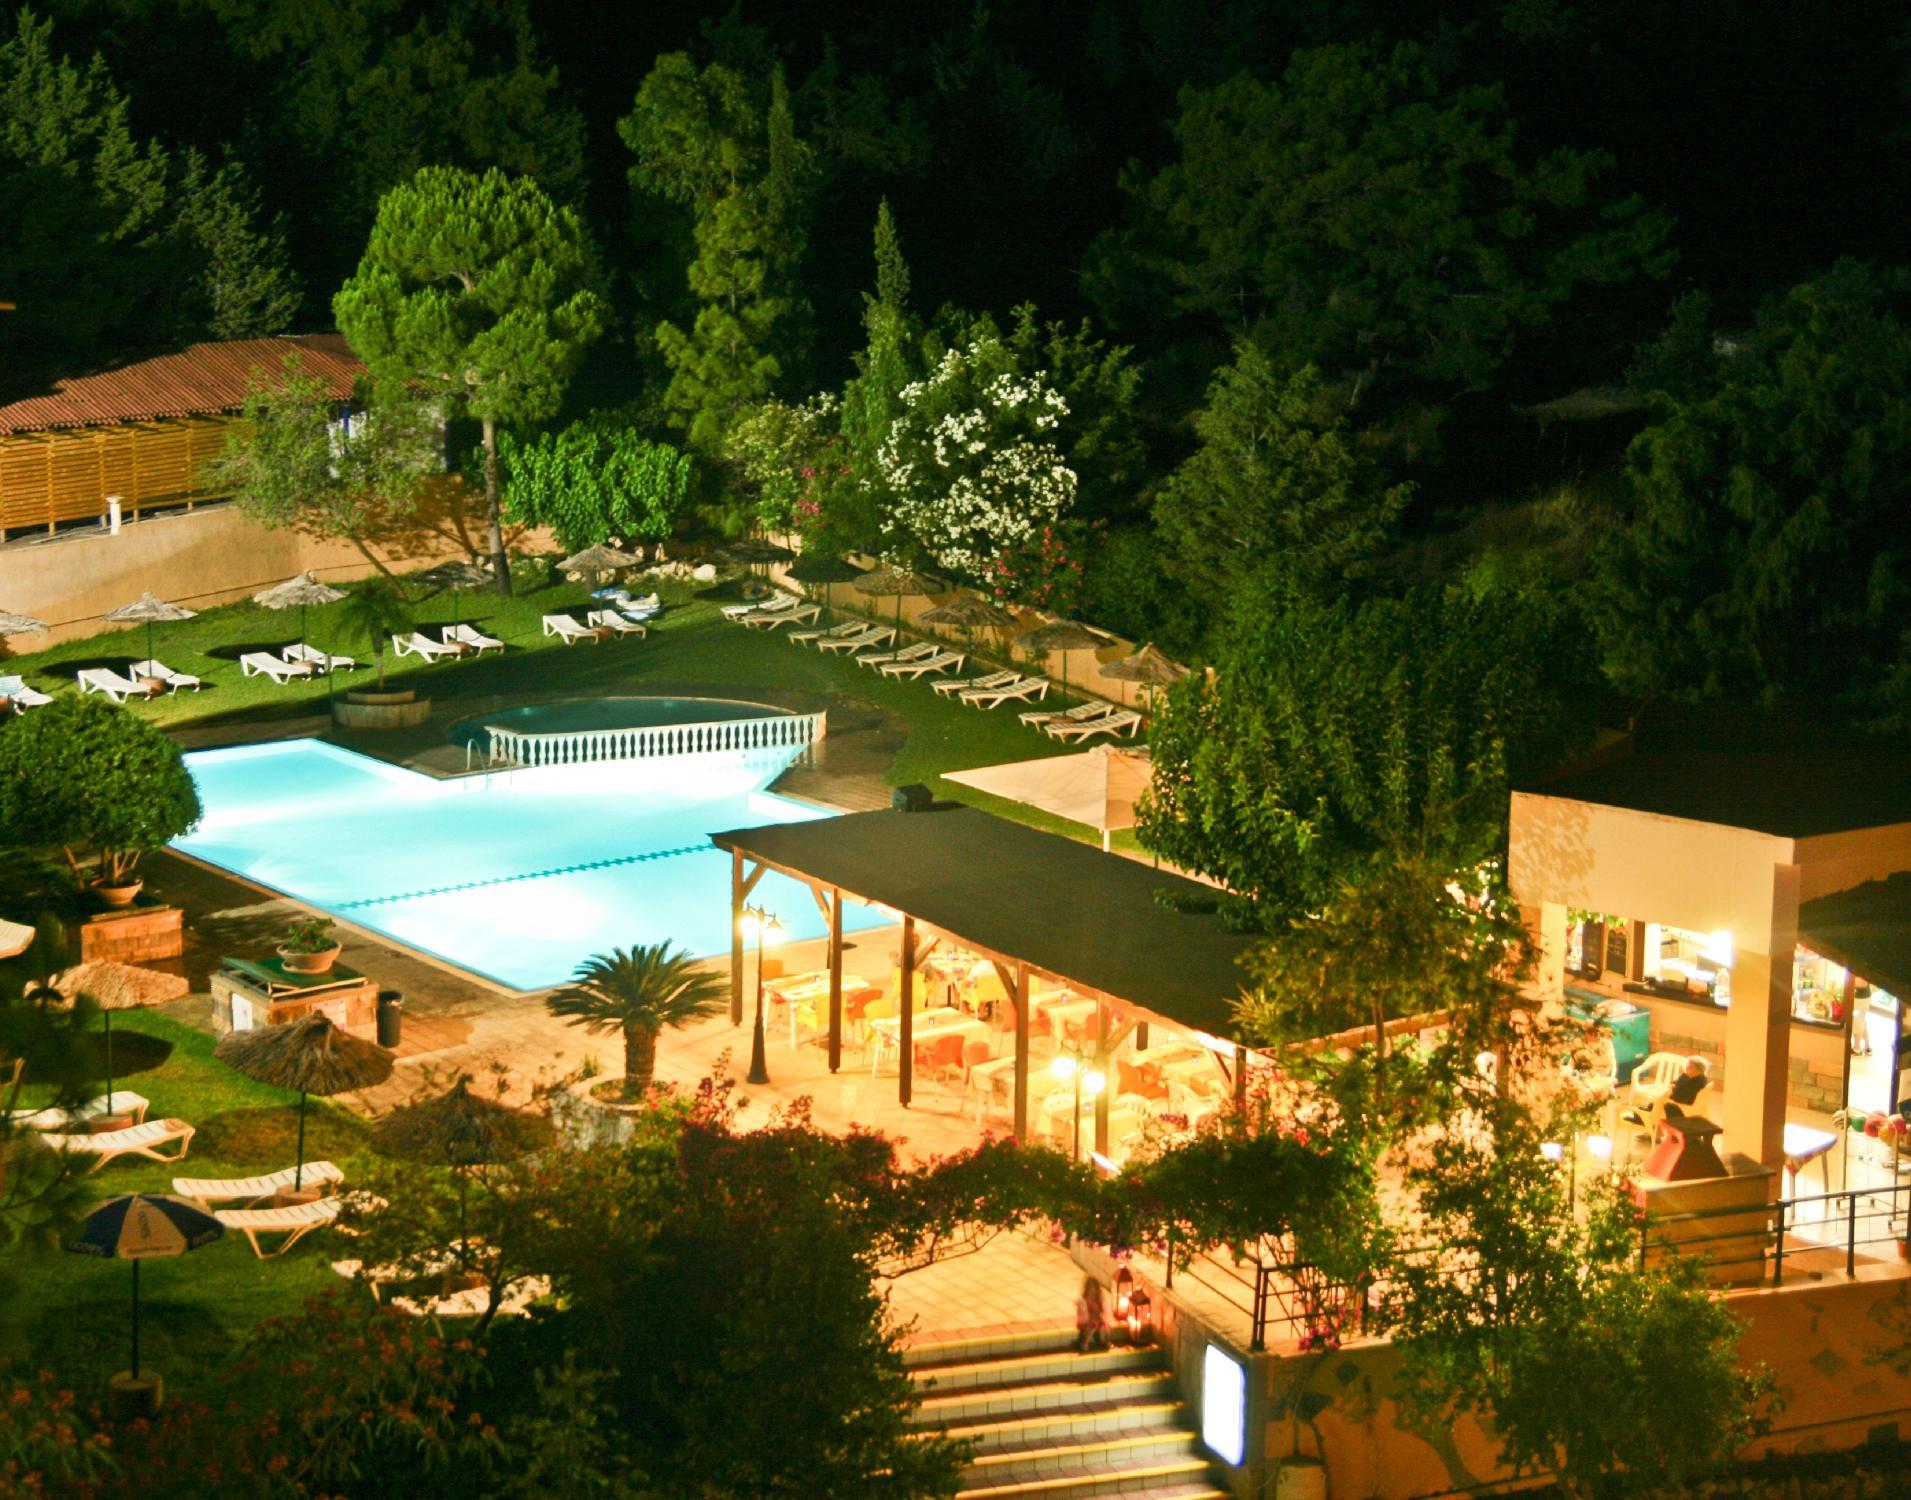 Hotel Mewah Faliraki Dengan Fasilitas Lengkap Harga Backpaker